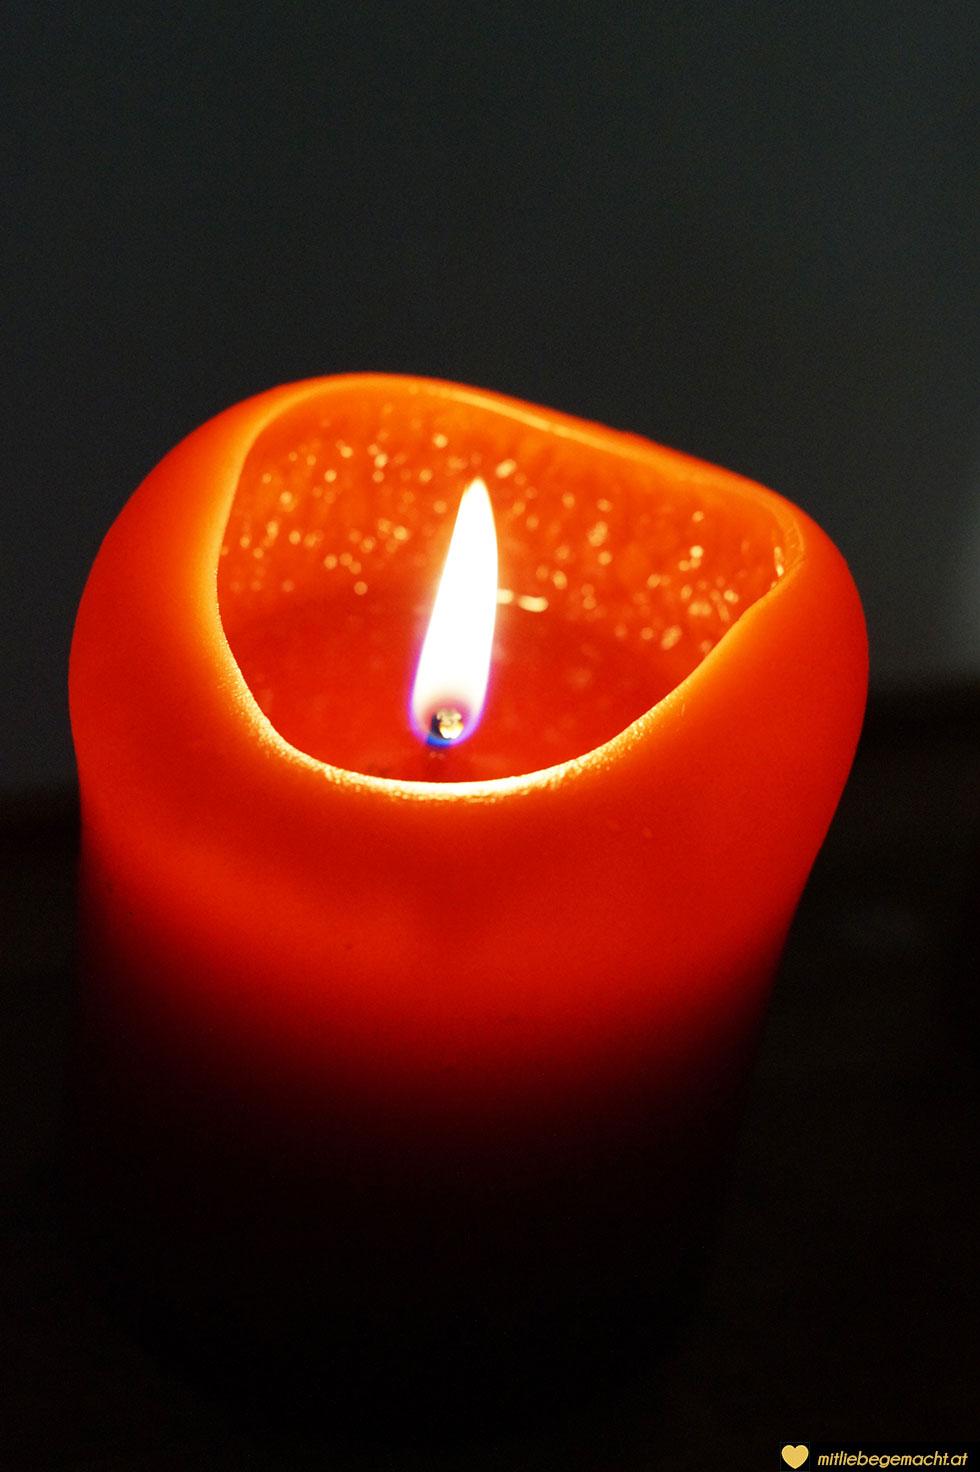 Kerzen werden zu Mariä Lichtmess geweiht